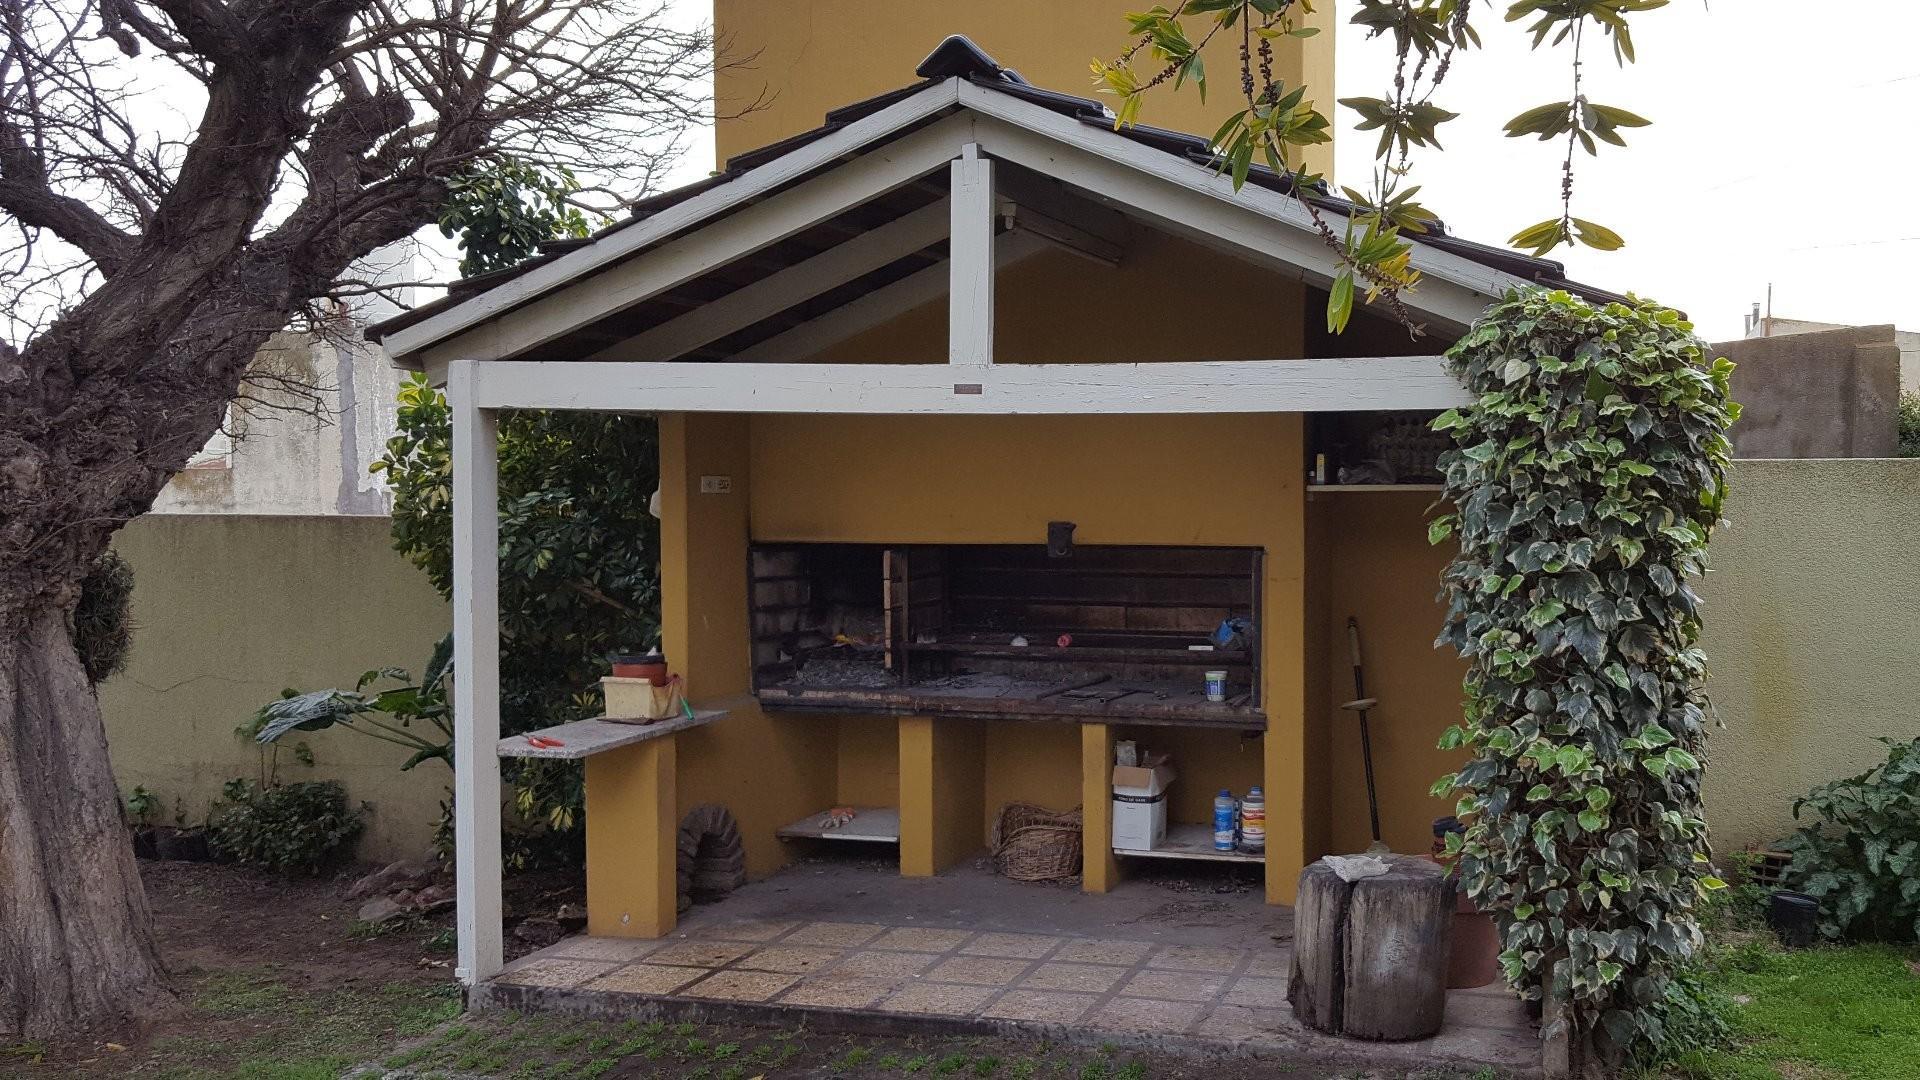 chalet super moderno en 4 seminiveles 350 mts 2 cubiertos 3 dormi 3 baños compart  labadero terraza